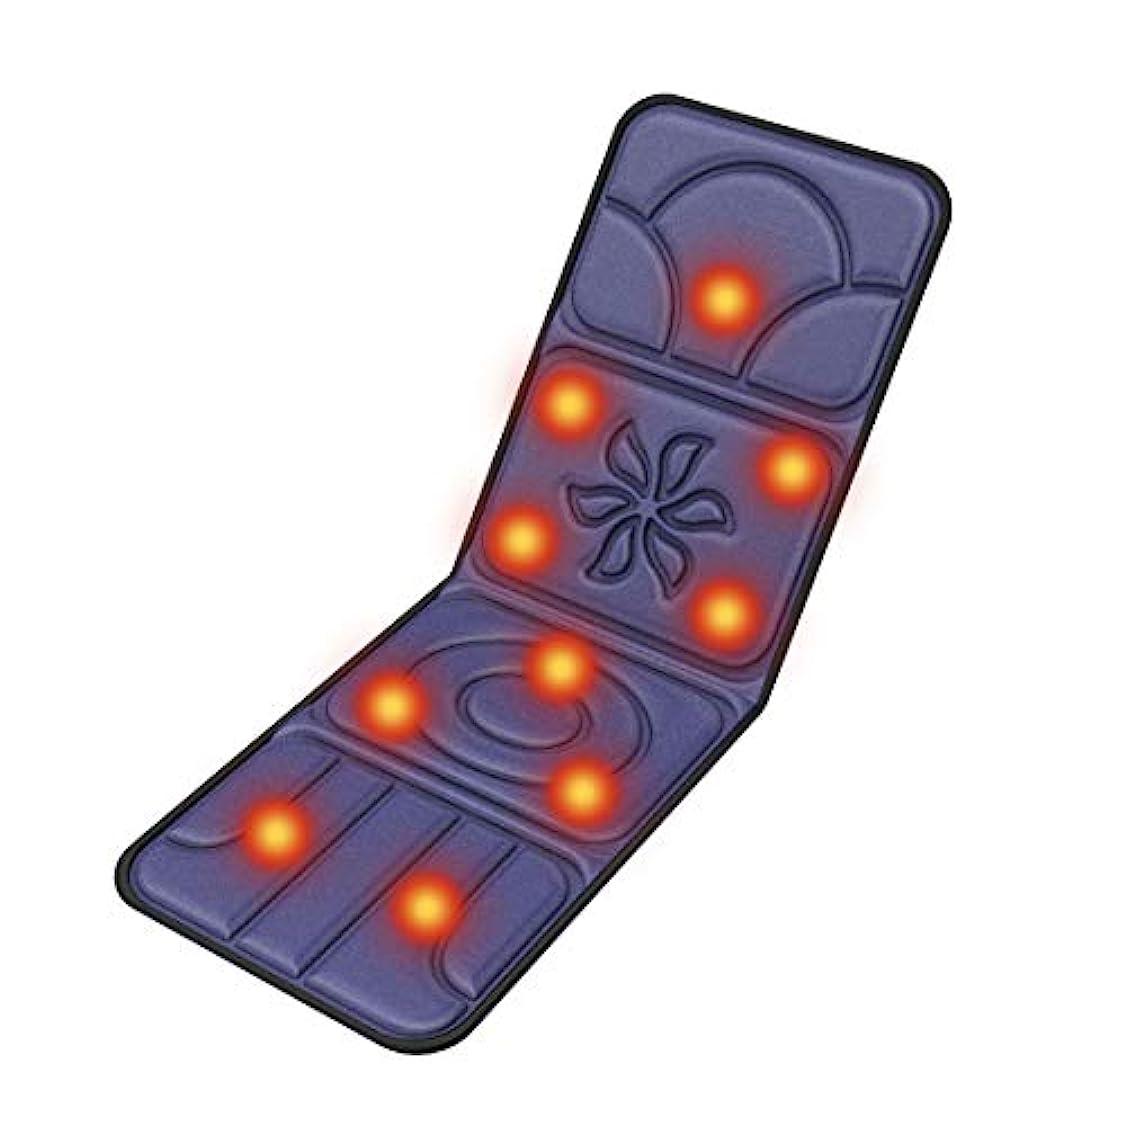 細部オーケストラテキストDOOB マッサージマットレス スリープ折りたたみ床 マッサージ機 マッサージ クッション シート マットレス チェア 電動 パッド 10つのもみ玉